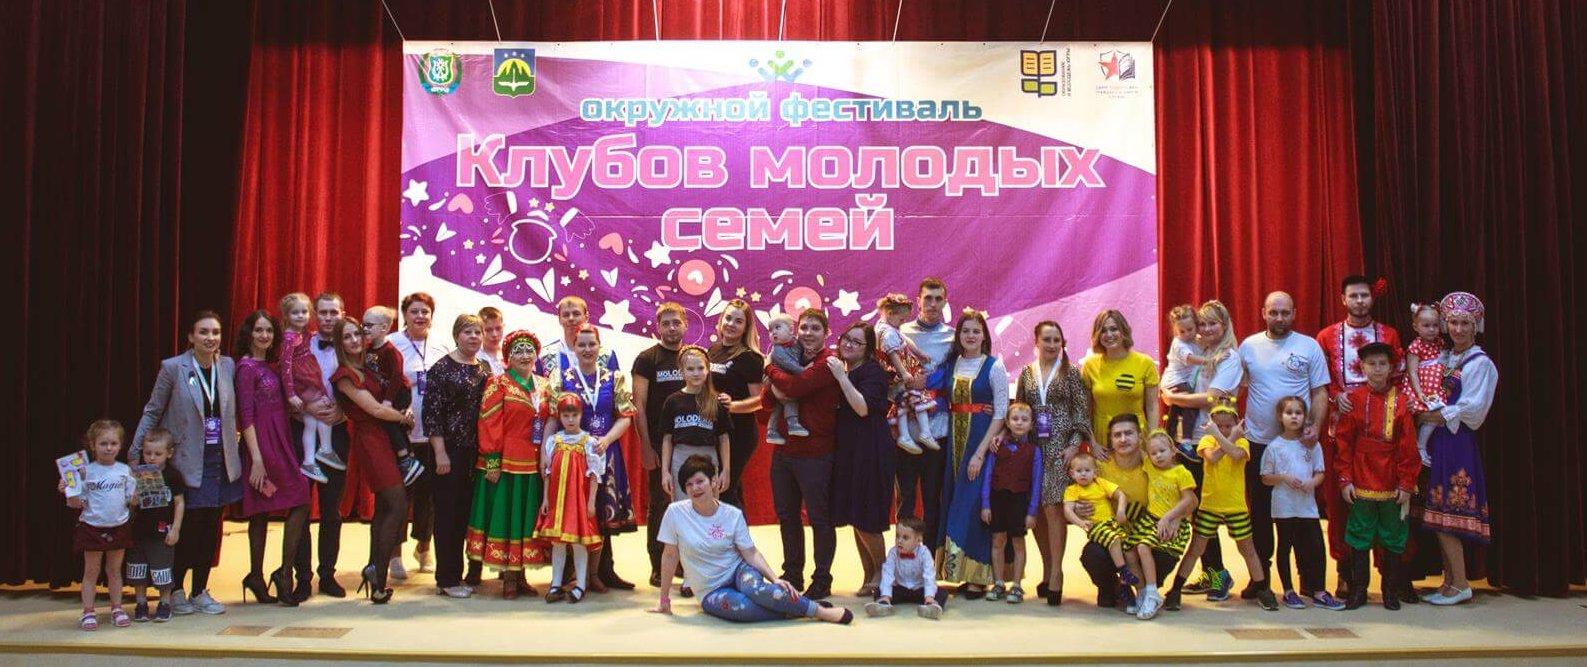 Окружной фестиваль клубов молодых семей 2019